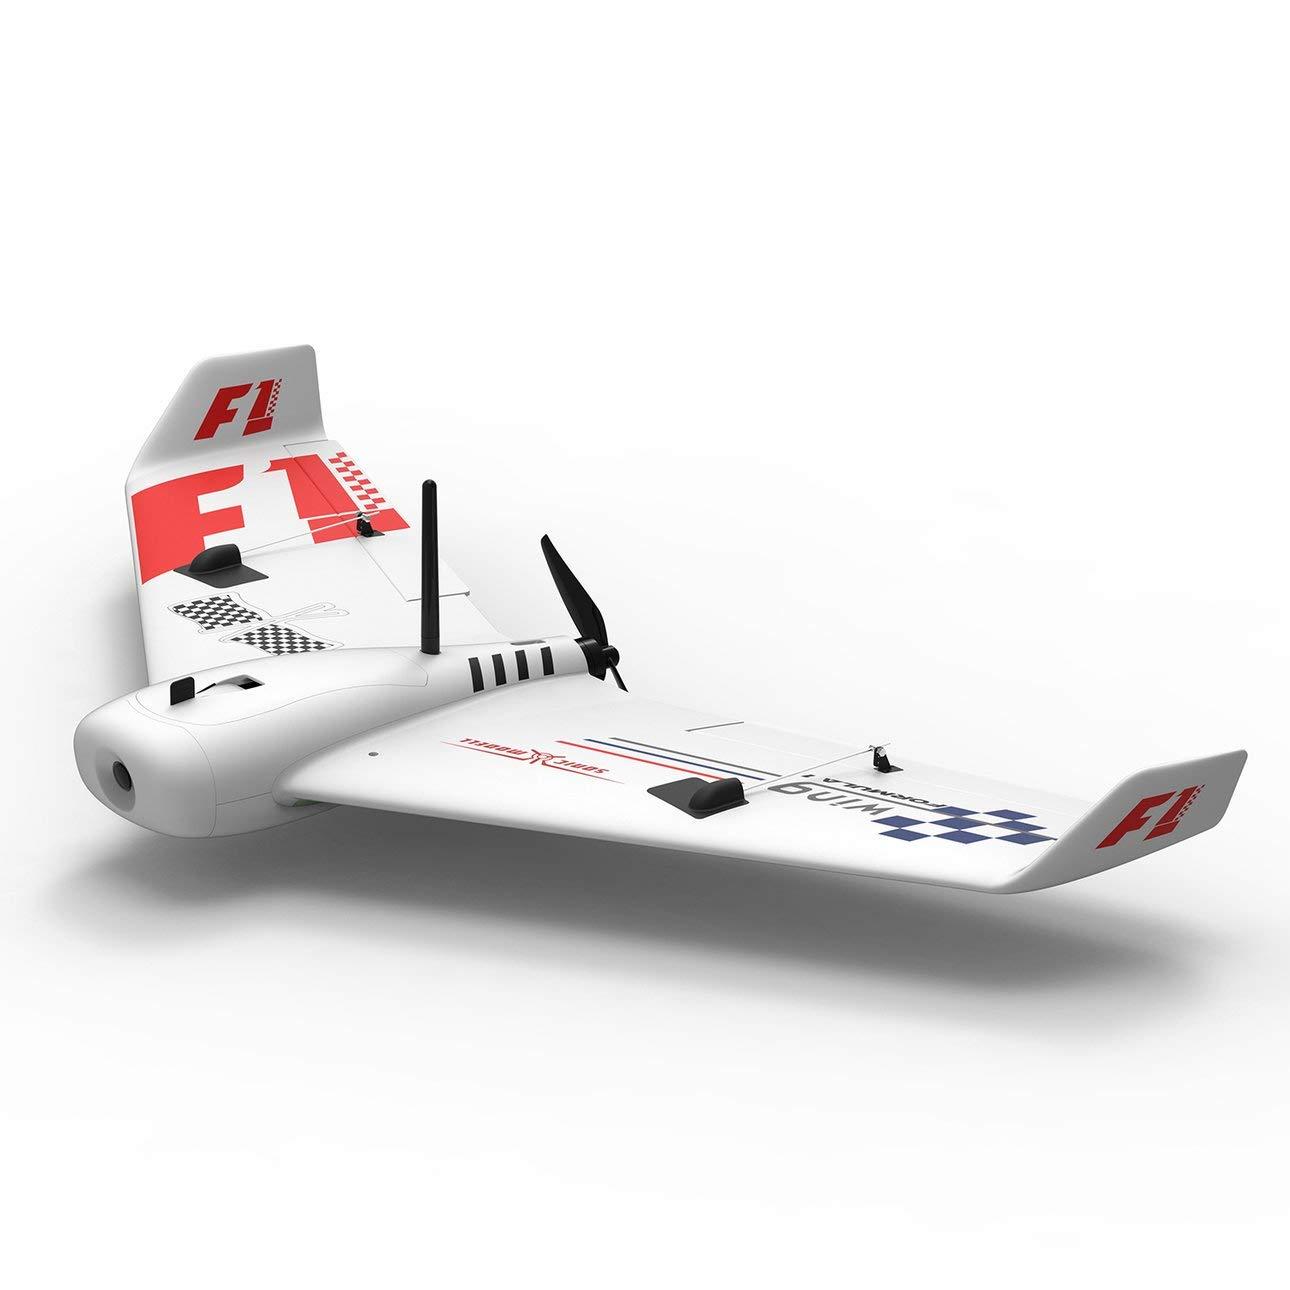 Ballylelly ZOHD SonicModell F1 833mm EPP-Wingspan RC FPV-Flugzeug mit Drohnenflugzeug mit festem Flügel und 190 km / h High-Speed-KIT-Version